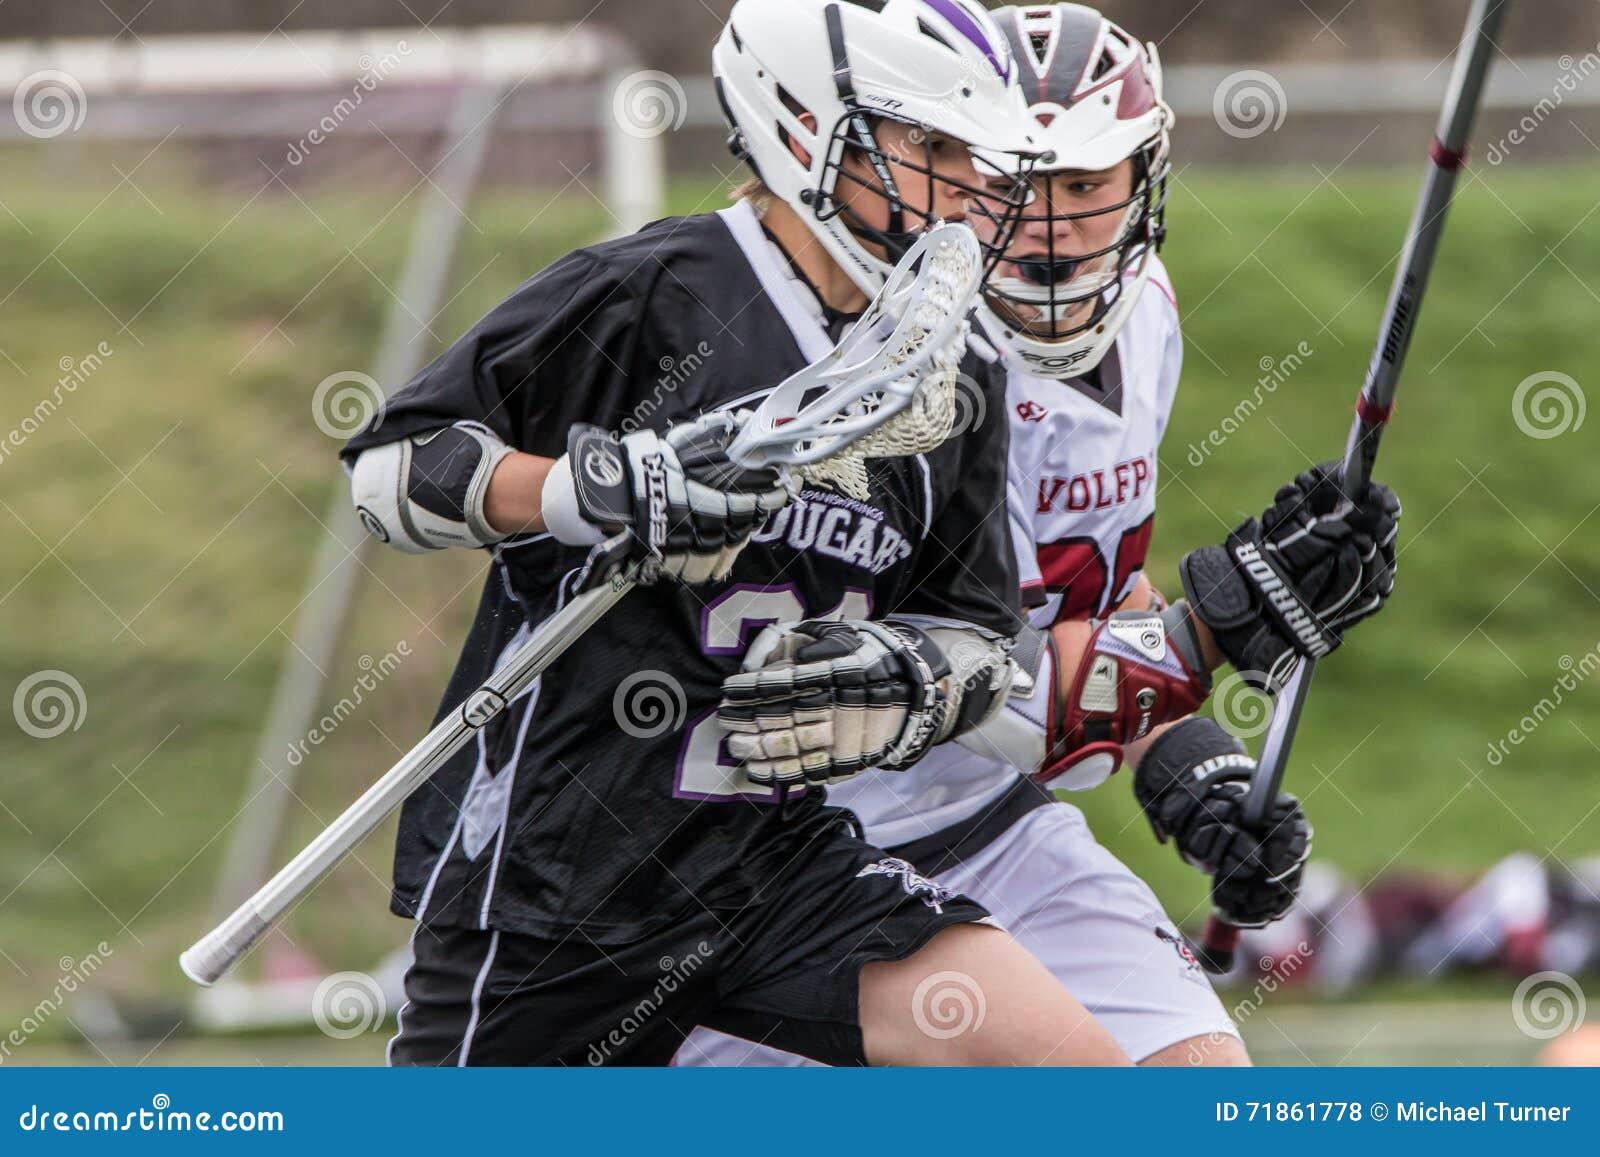 Lacrossespelers